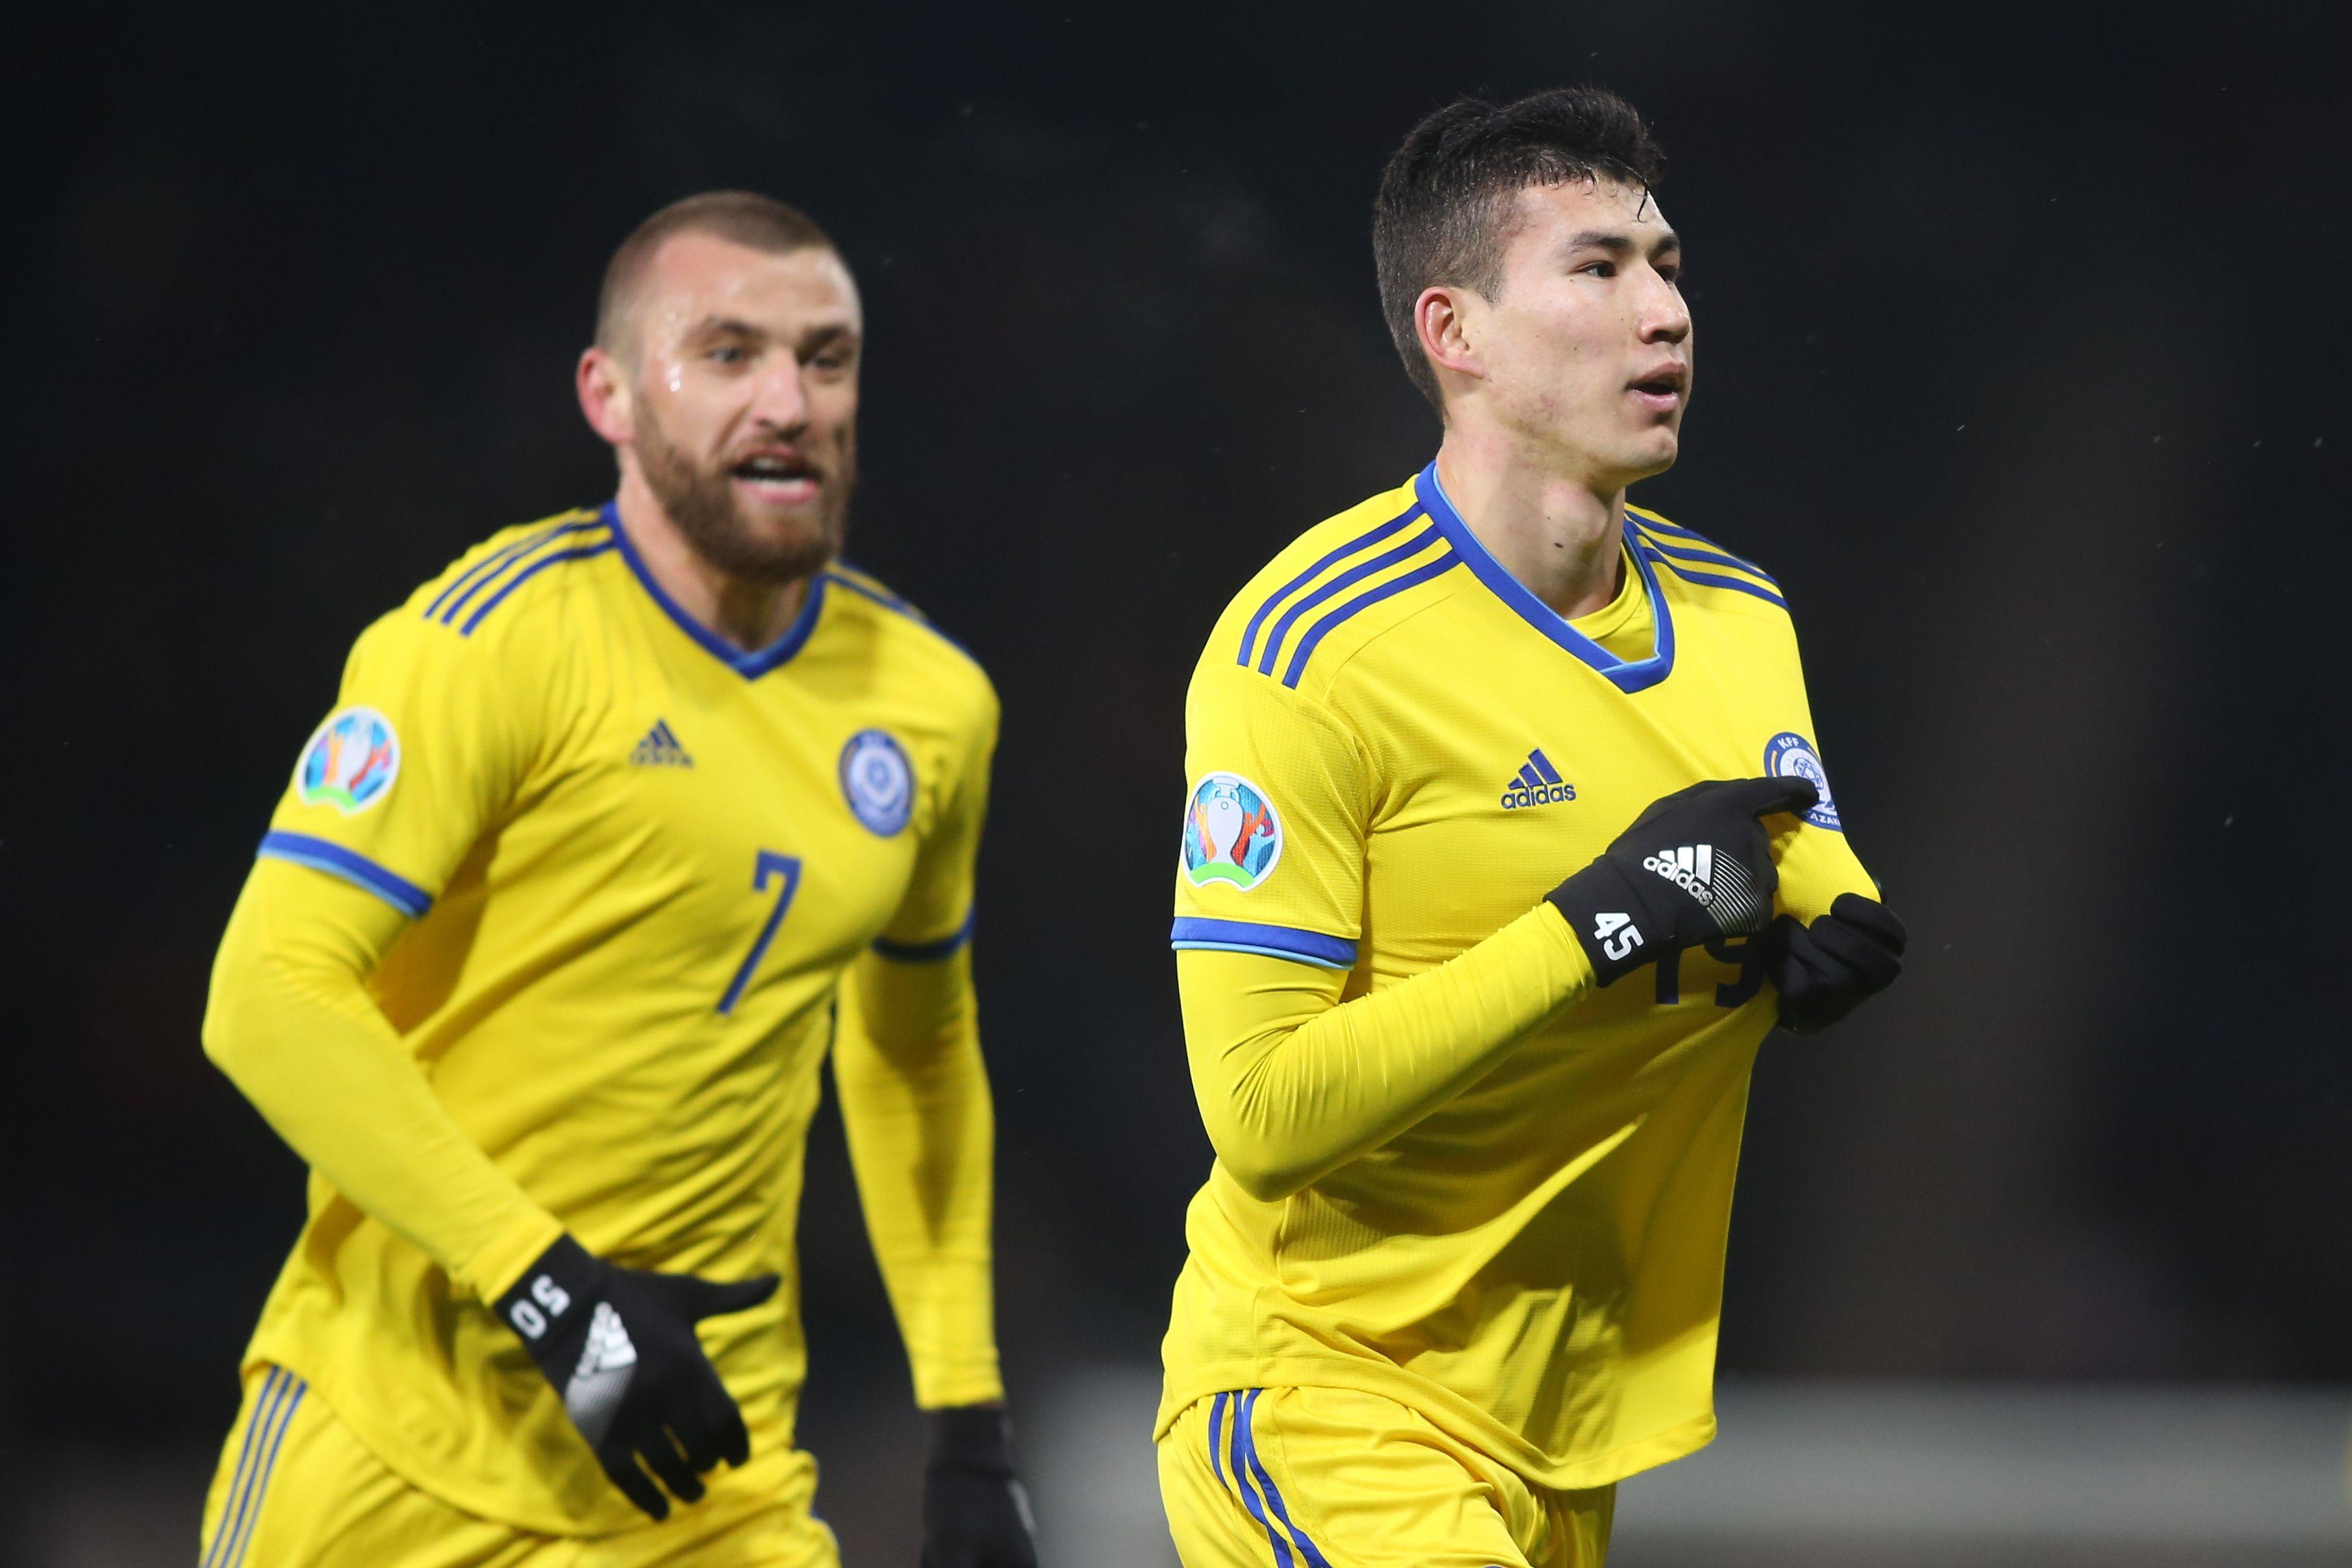 СМИ: Зайнутдинов подписал 5-летний контракт с 'Аталантой'